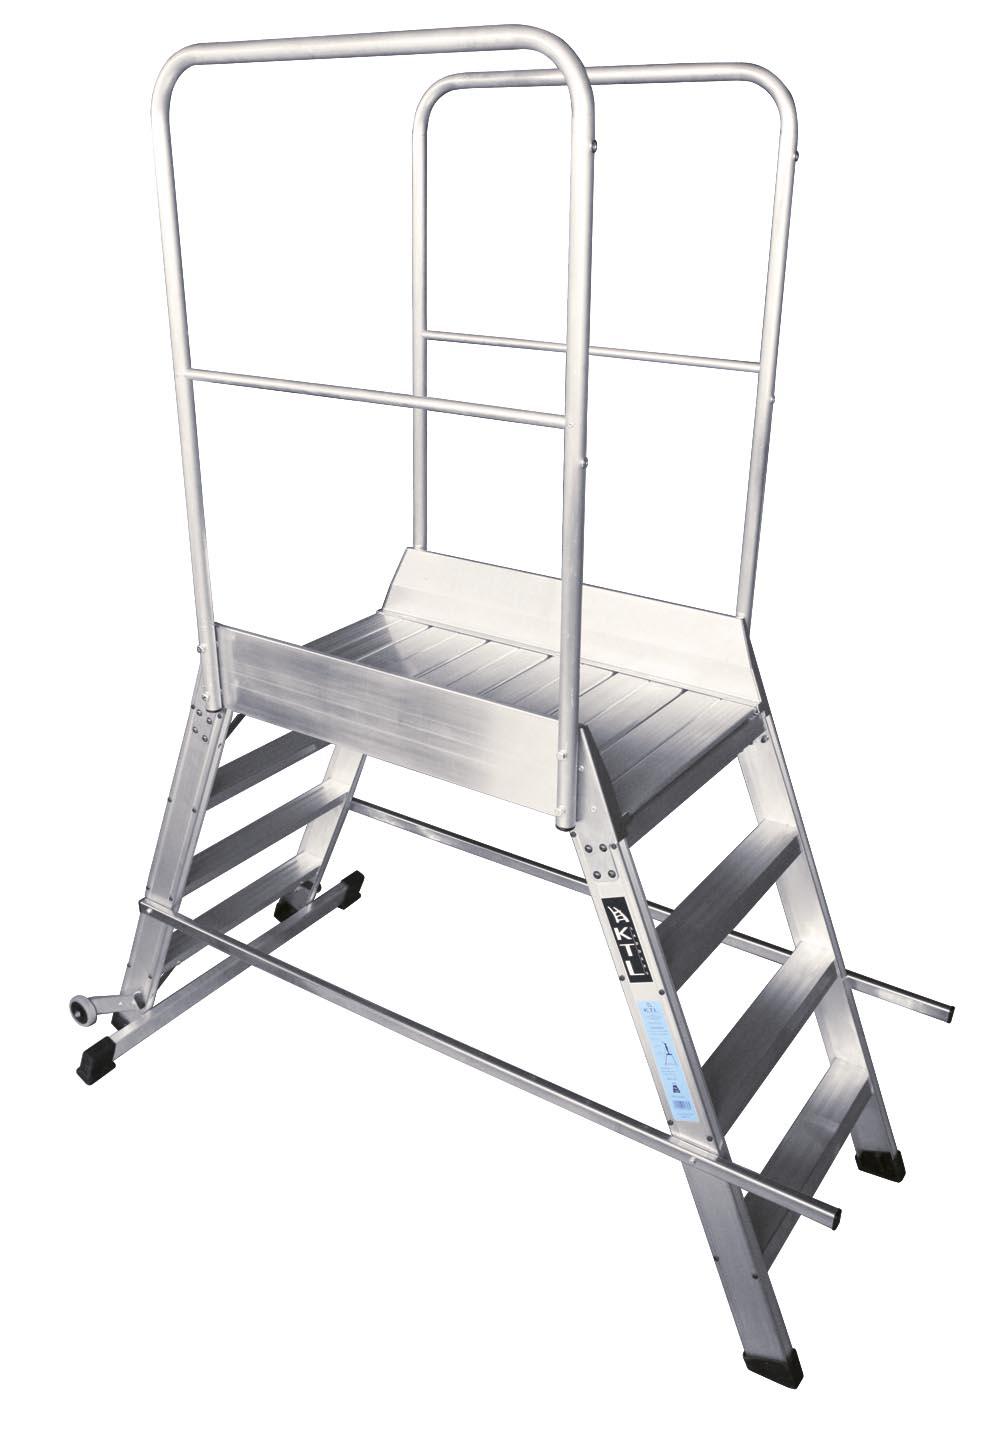 Escalera Fija con Plataforma y 2 Accesos - 3 Peldaños - Plataforma 60 x 60cm